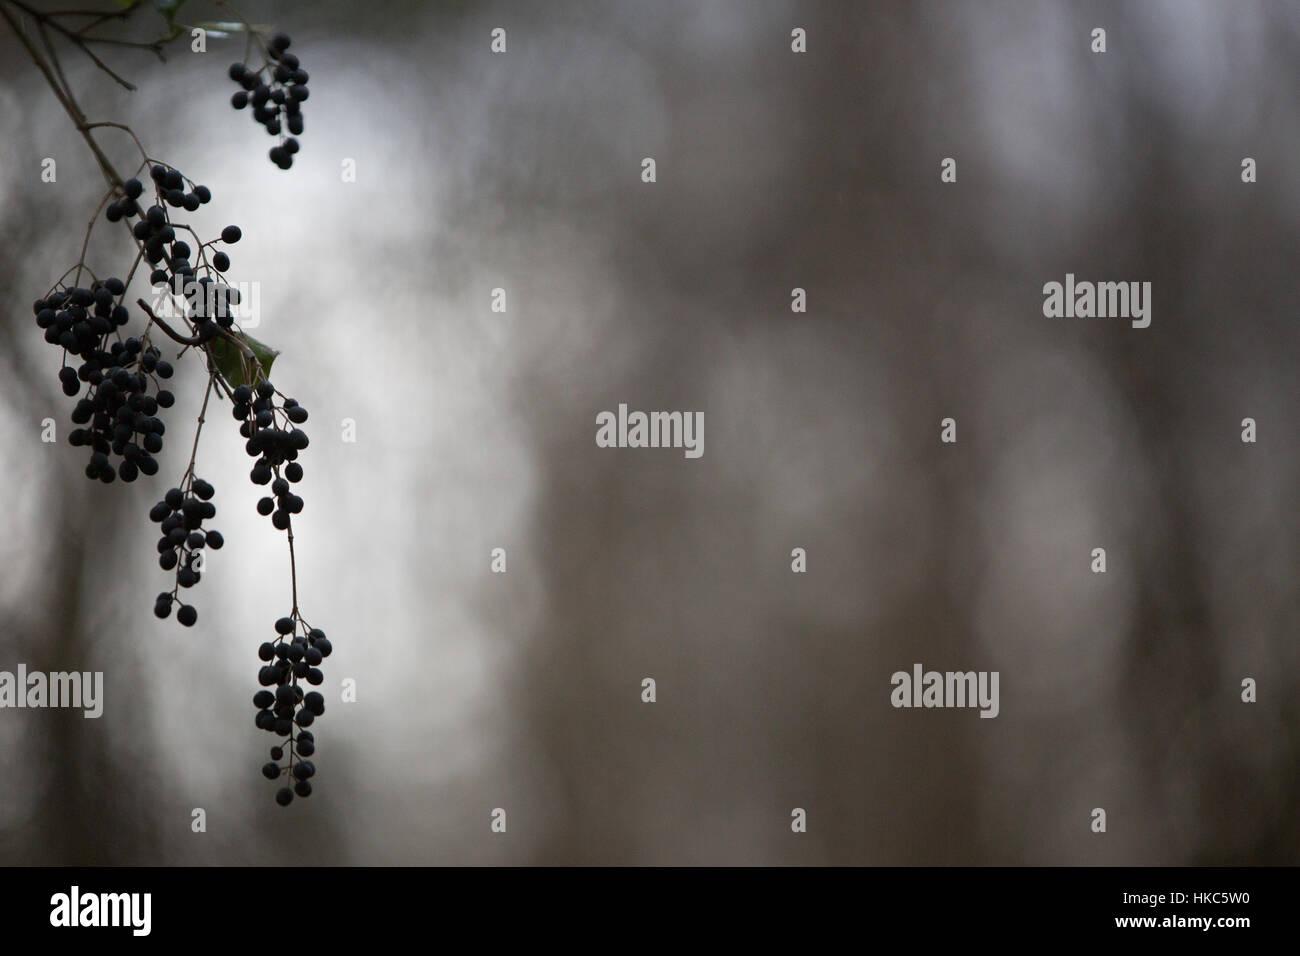 La silhouette de baies accroché sur une morne journée. Photo Stock